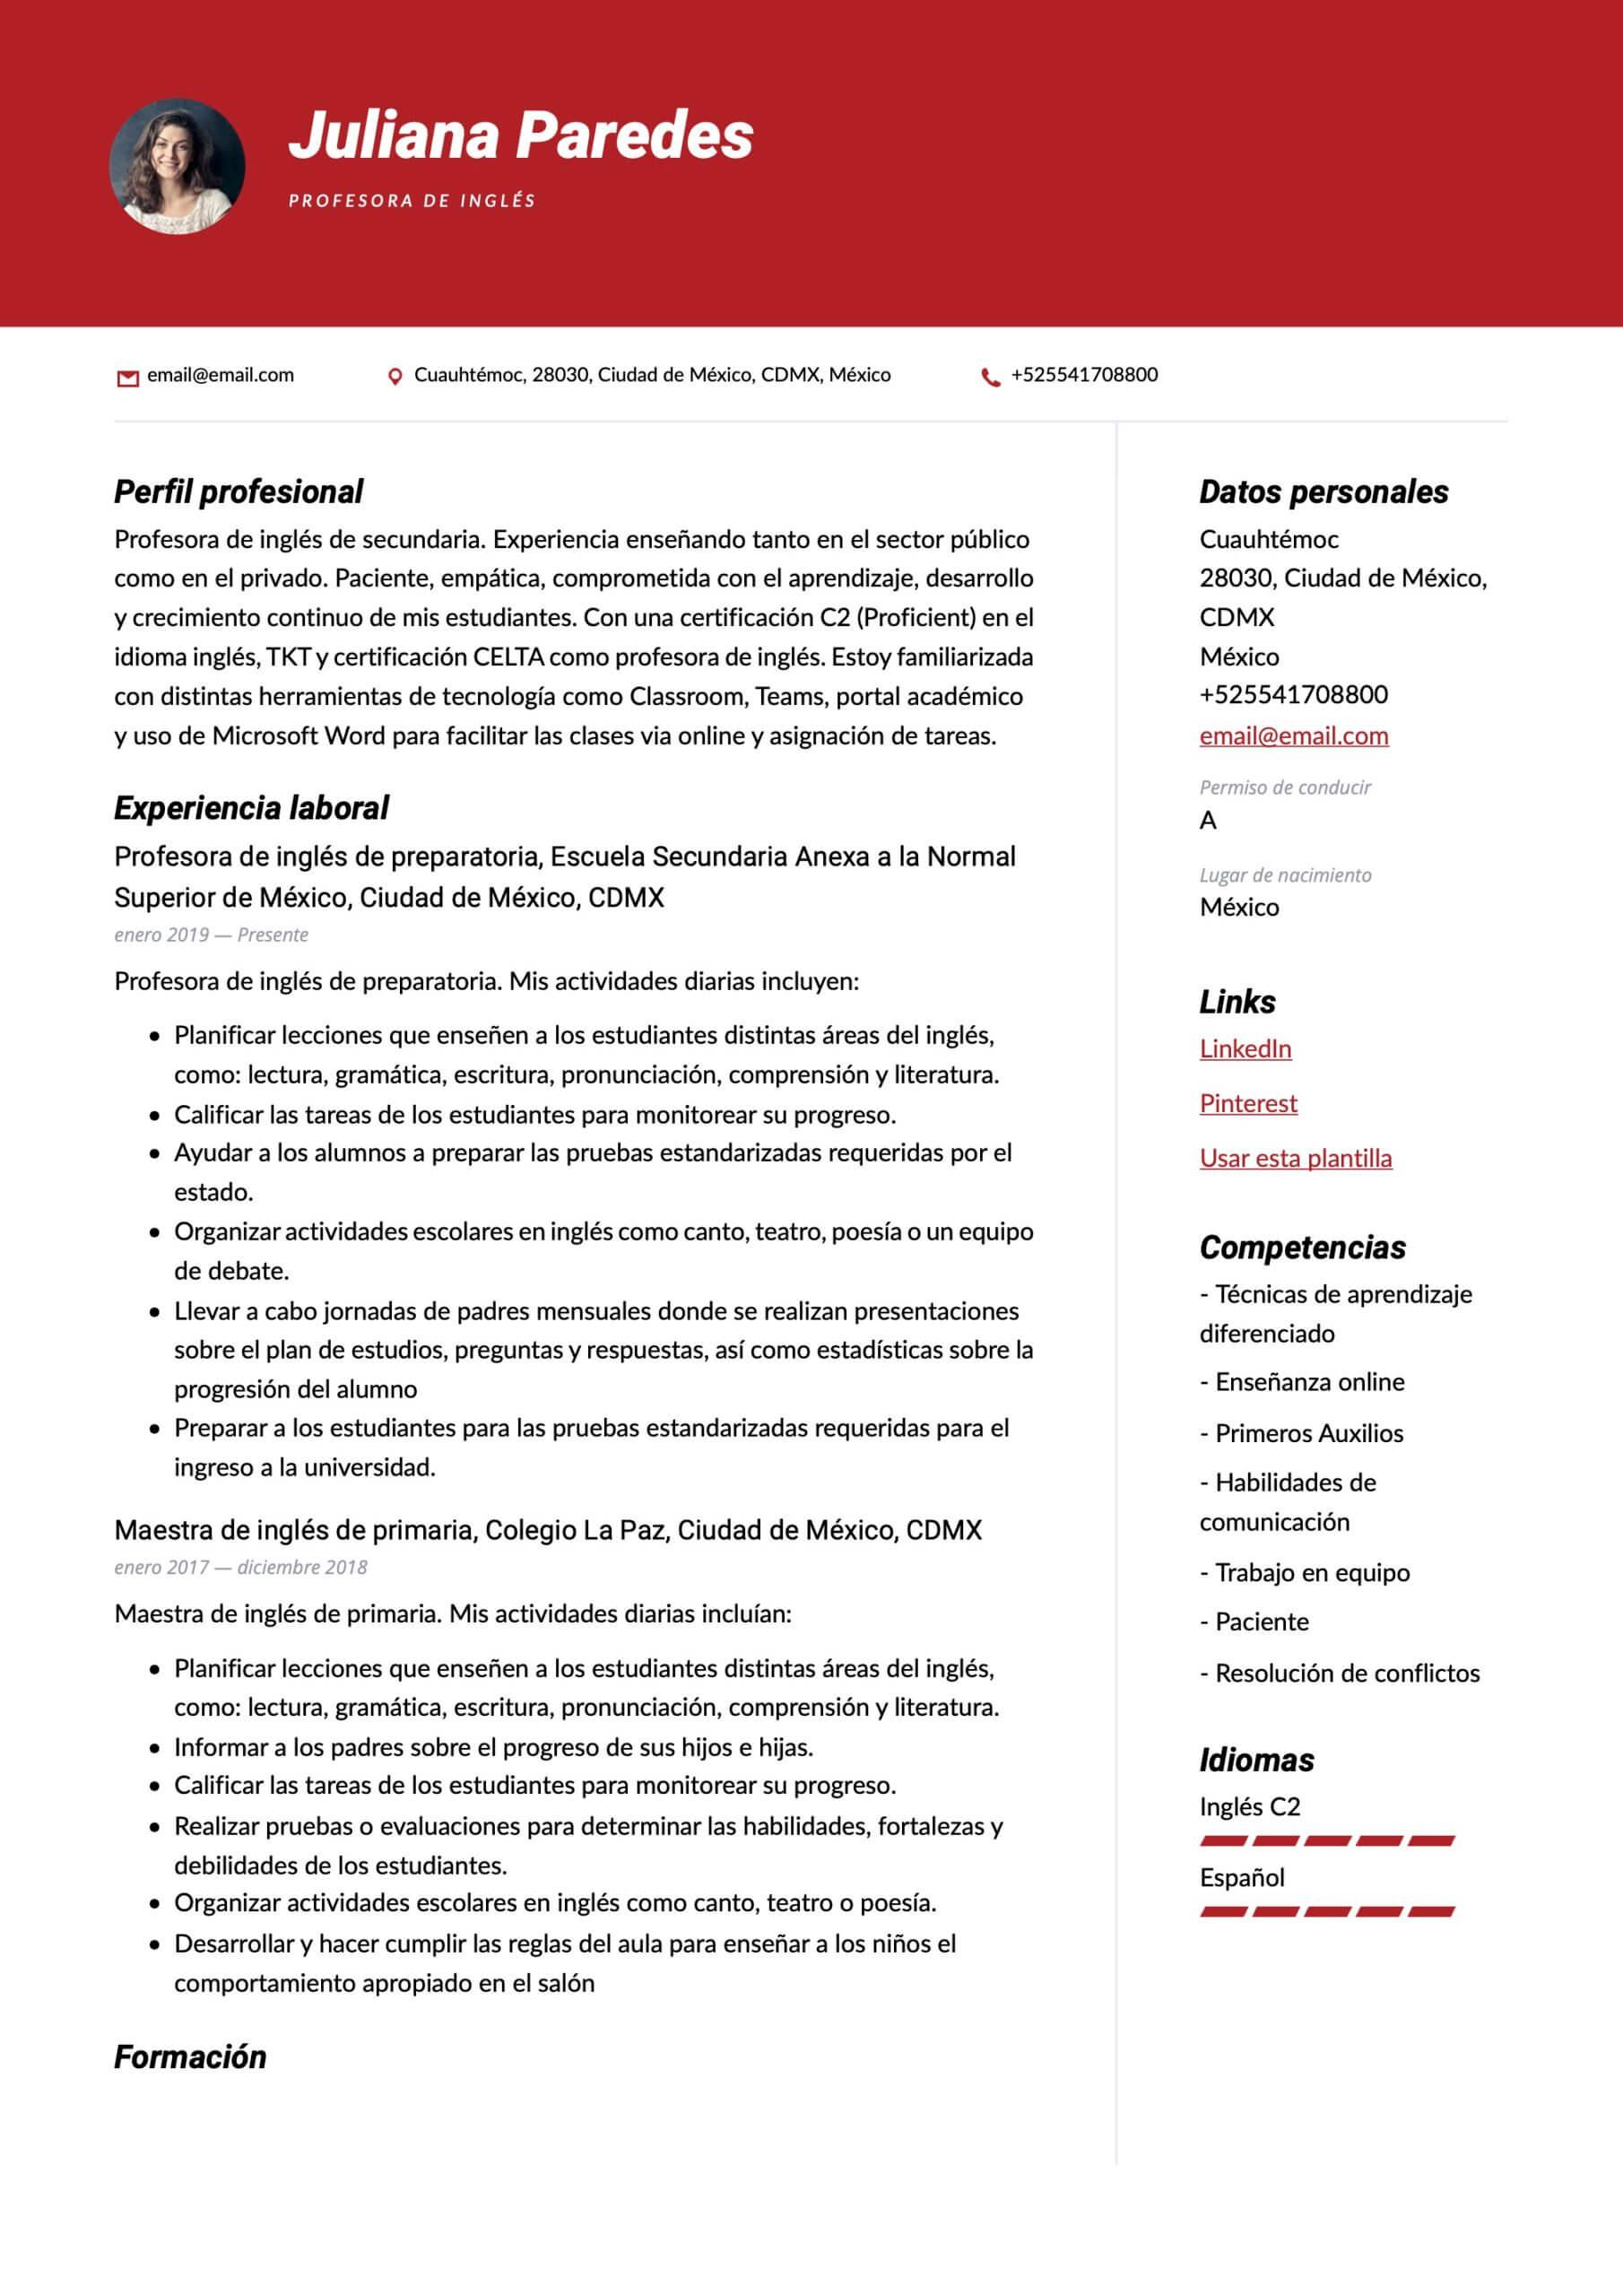 Modelo de CV para Profesor de inglés